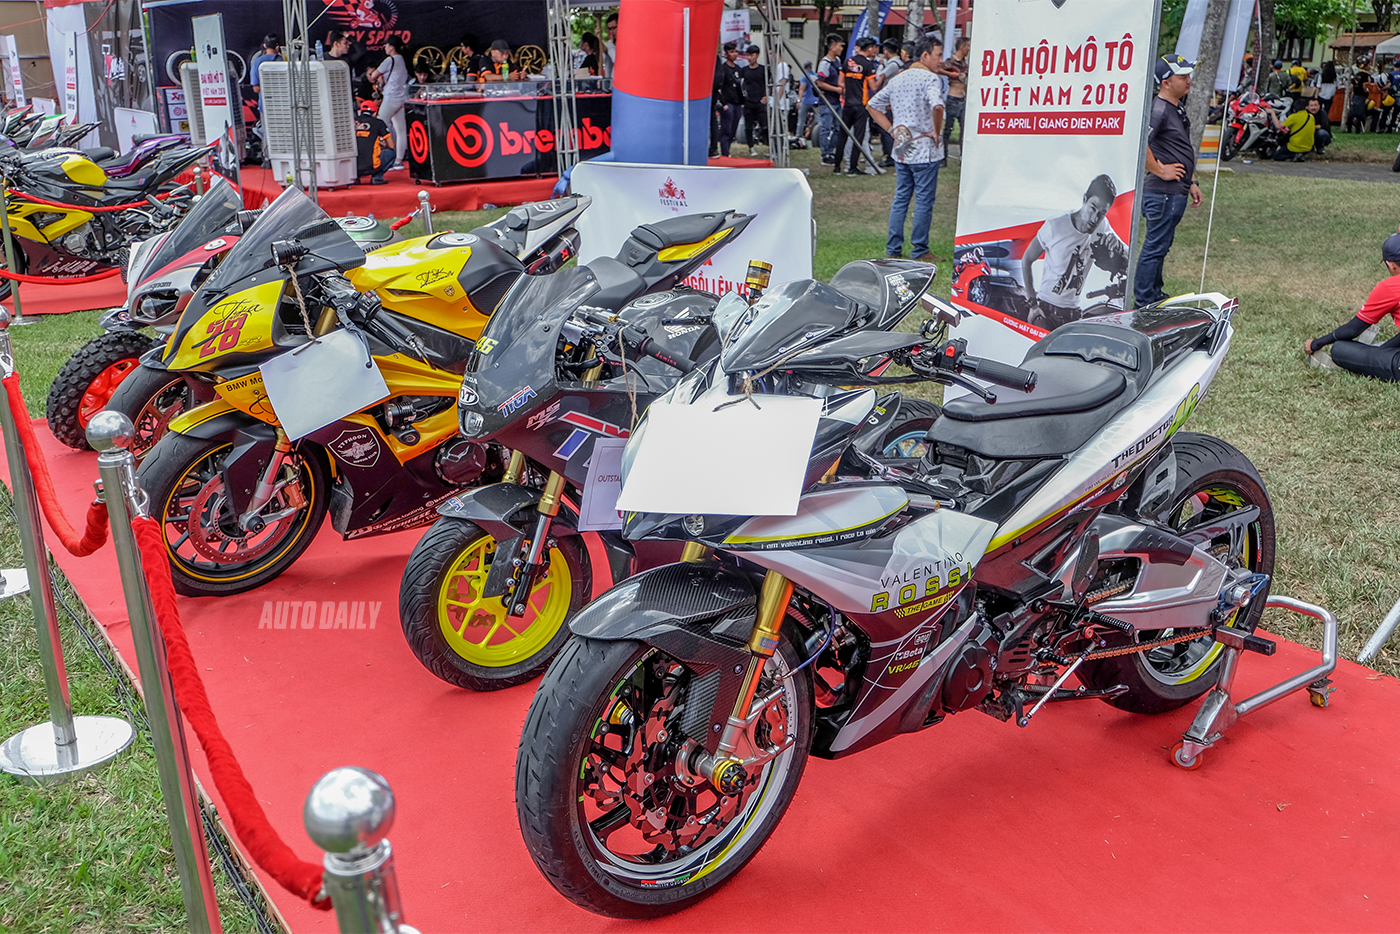 vietnam-motor-festival-2018-14.jpg